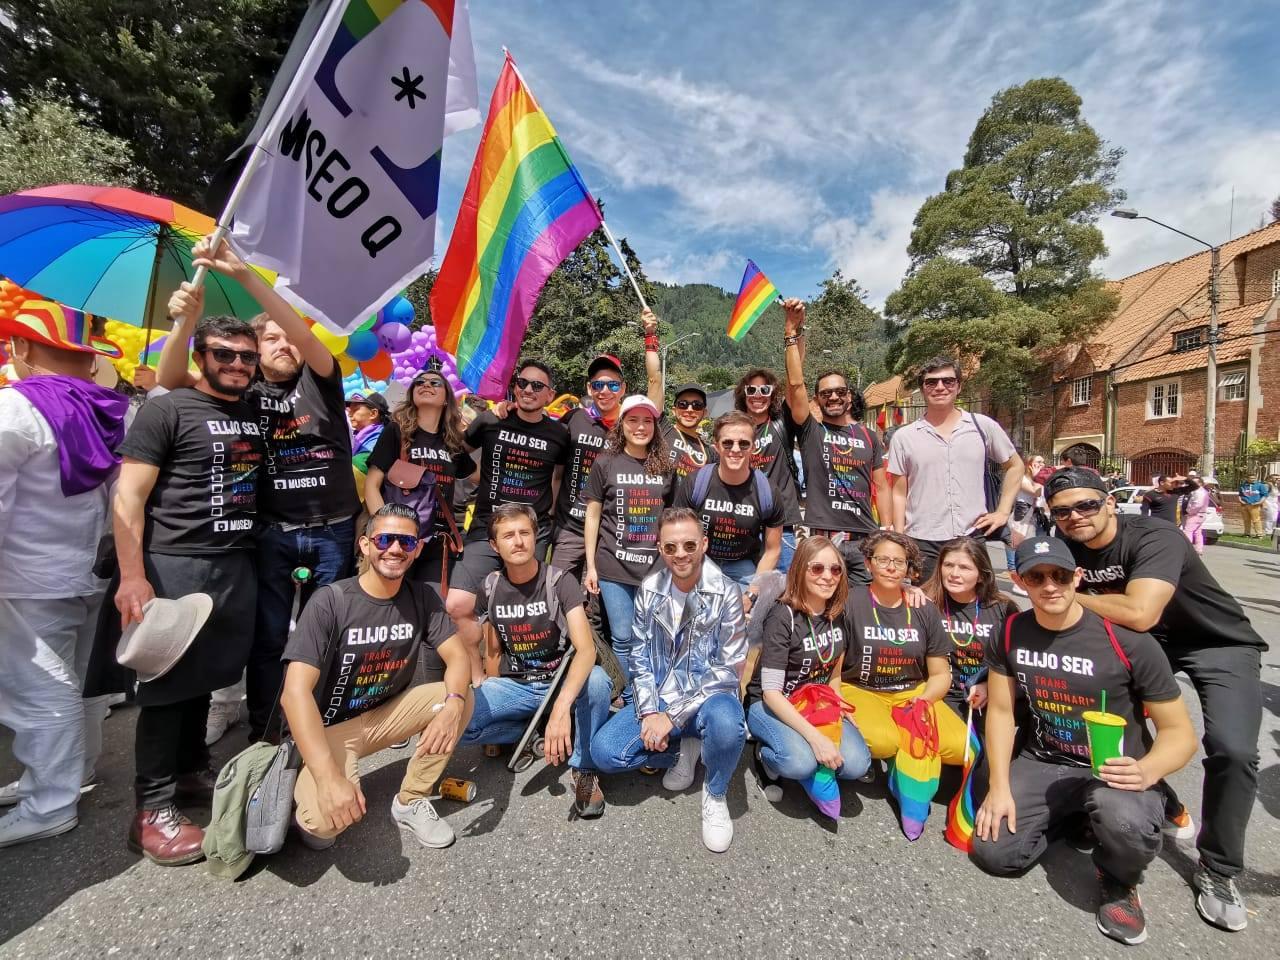 MUSEO Q LGBTI